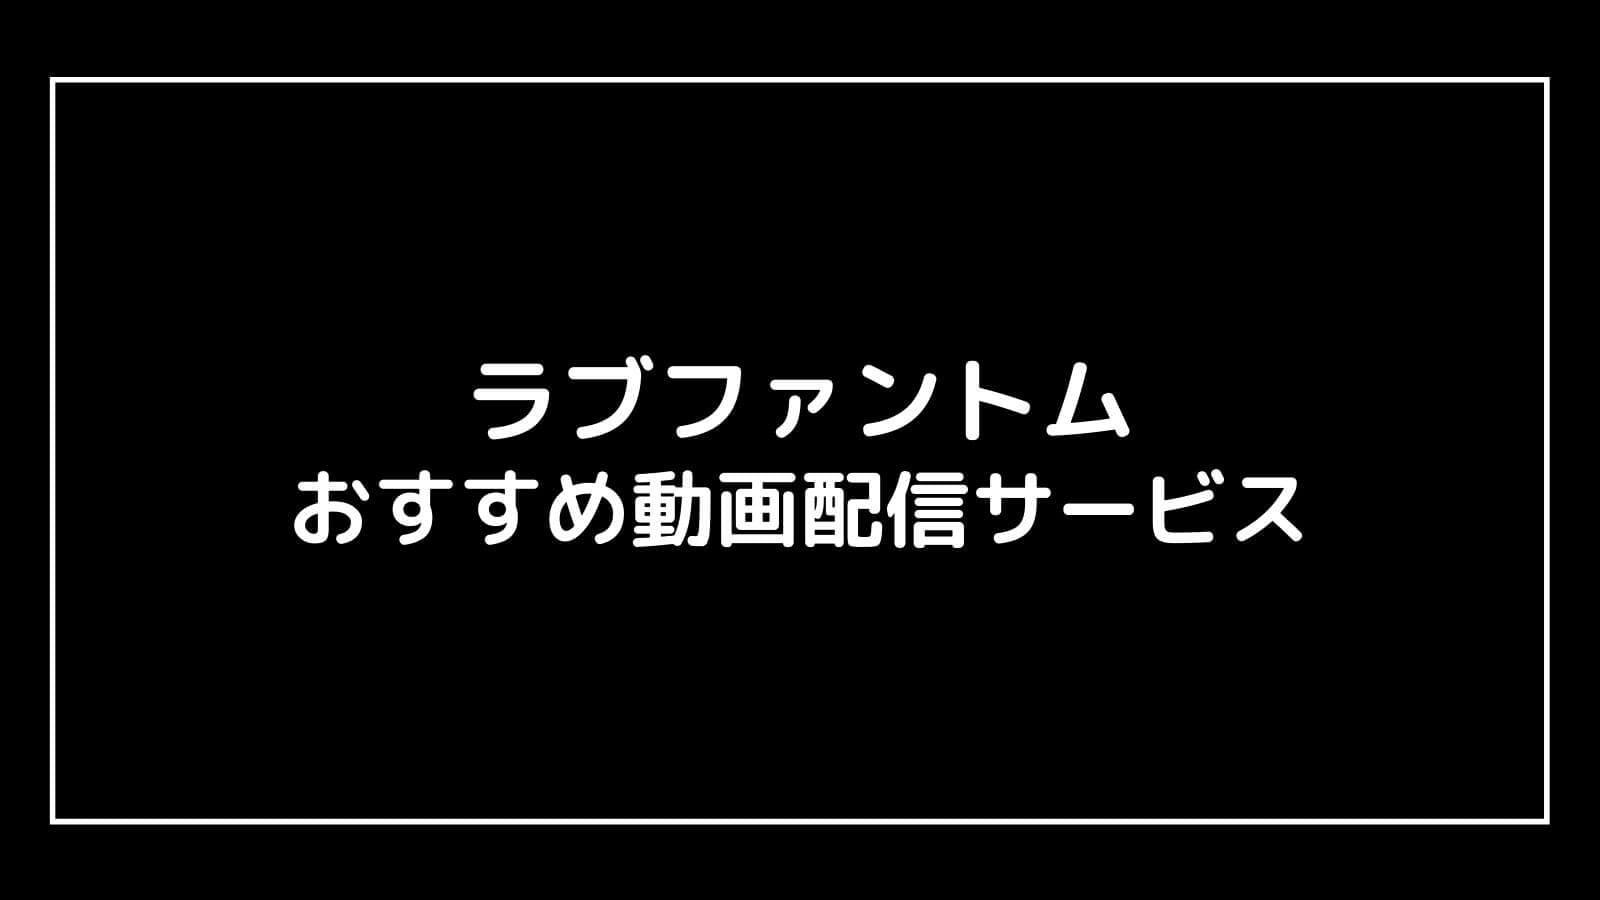 『ラブファントム』の見逃し配信を無料視聴できるおすすめ動画配信サイト